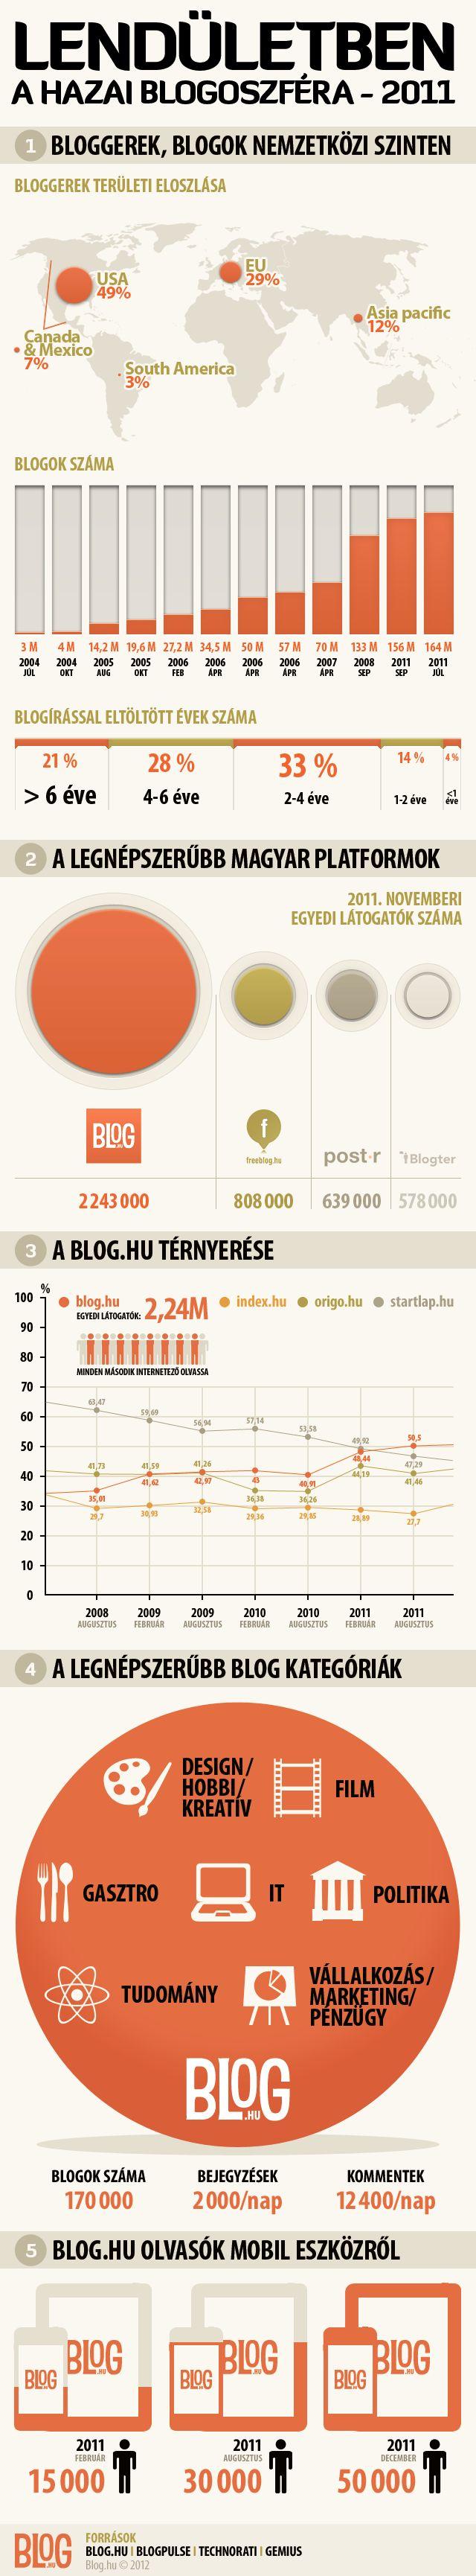 Lendületben a hazai blogoszféra